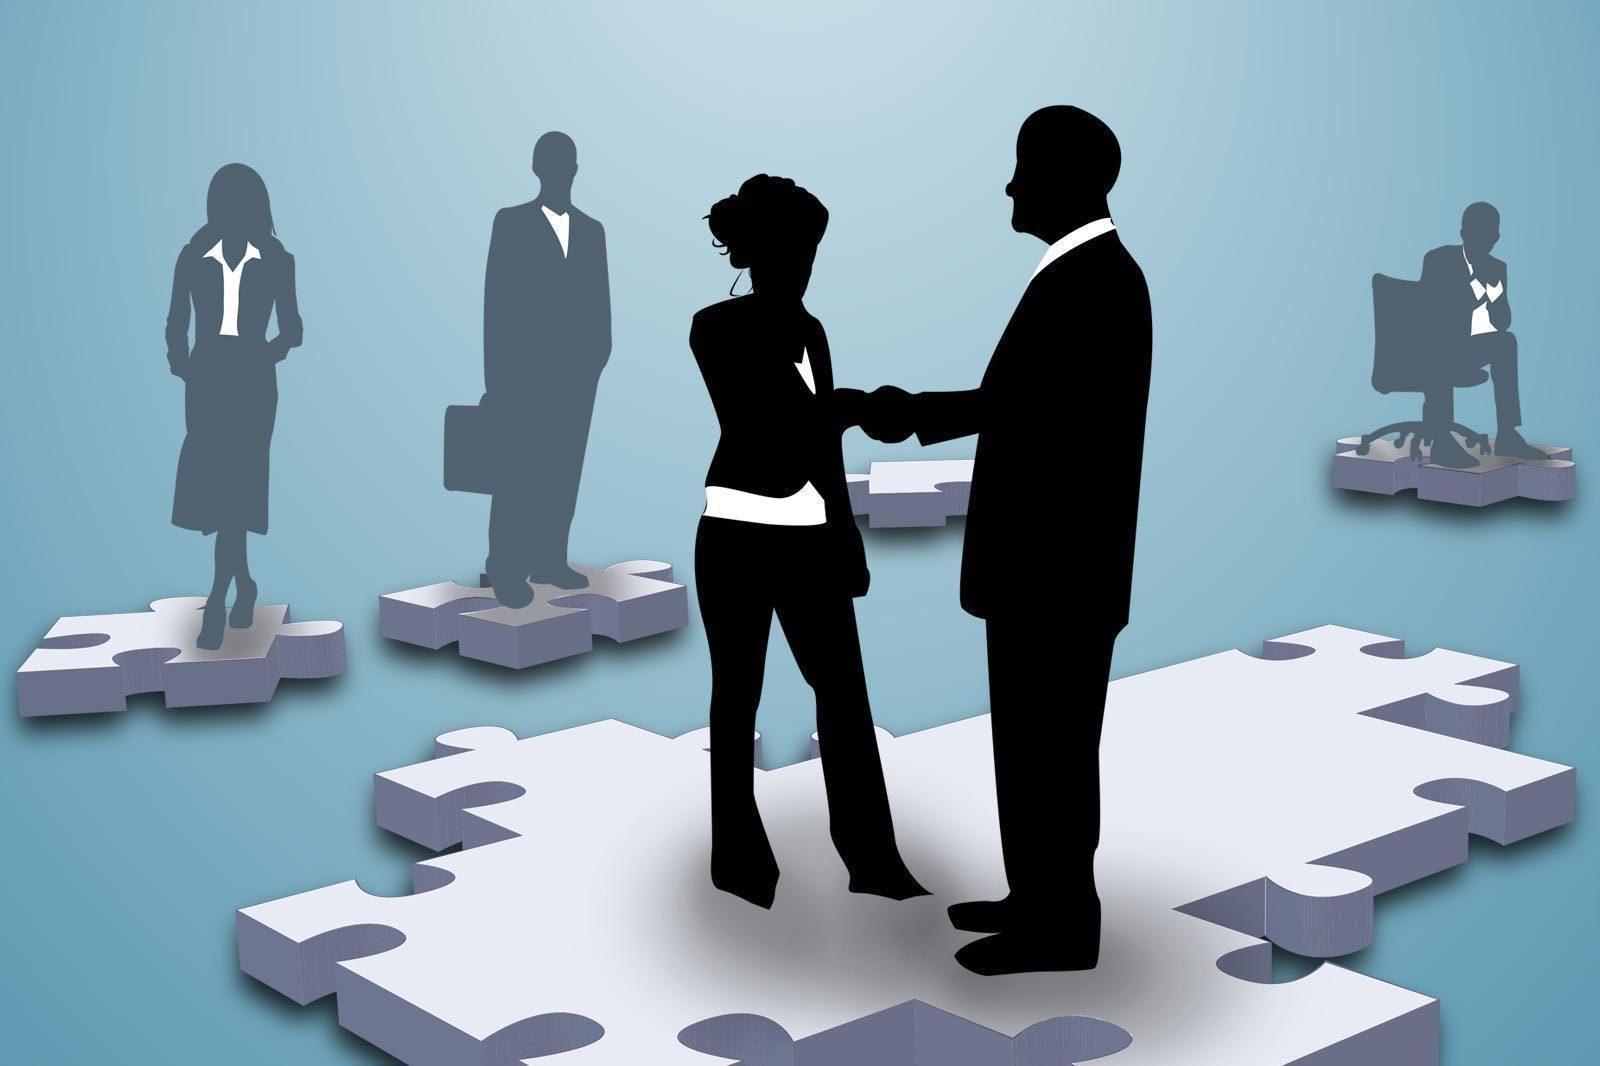 9c2020d8 f89d 4033 893a 6fbd365fac4b lb d veloppement - Offre d emploi office manager ile de france ...